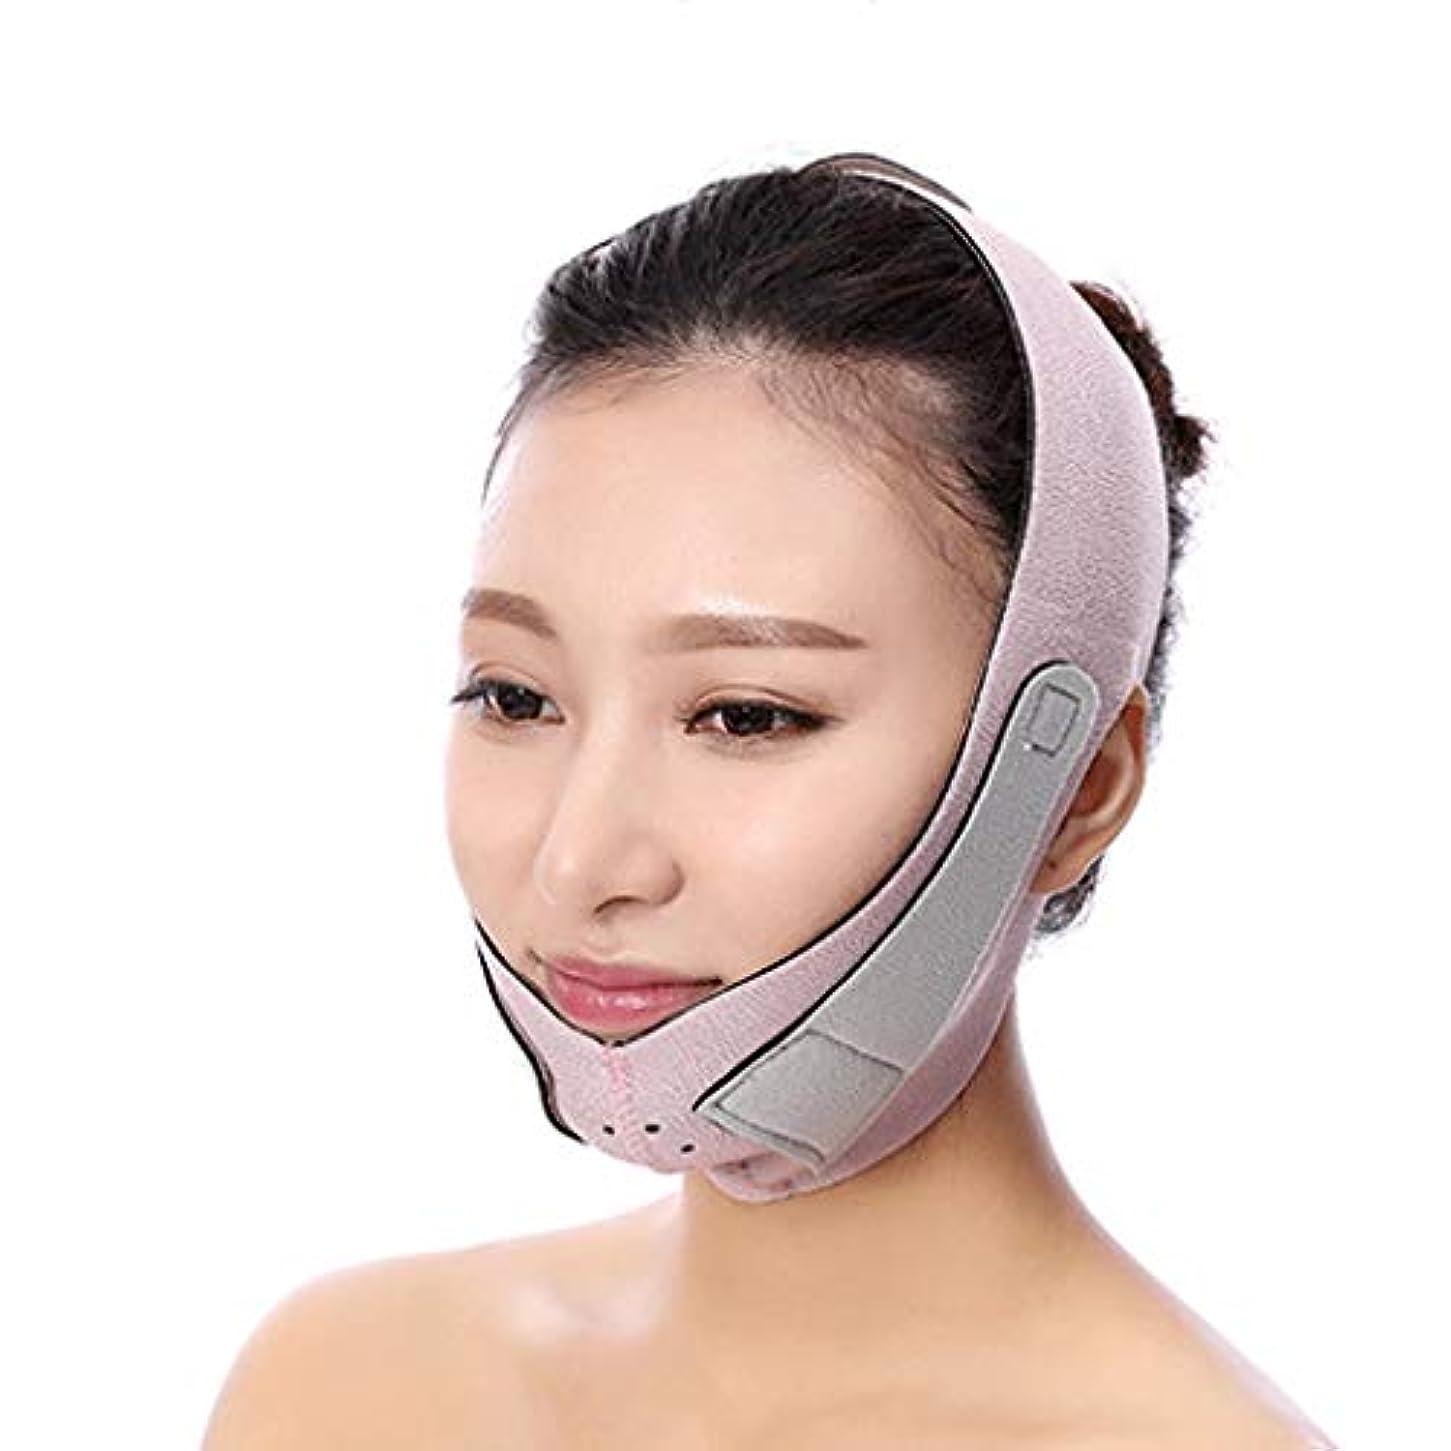 ブース置き場衛星Jia He 軽量 薄い面ベルト、Vフェイスリフト包帯通気性面痩身二重顎通気ファーミングプルフェイスリフトフェイスマスク ## (Color : Pink)